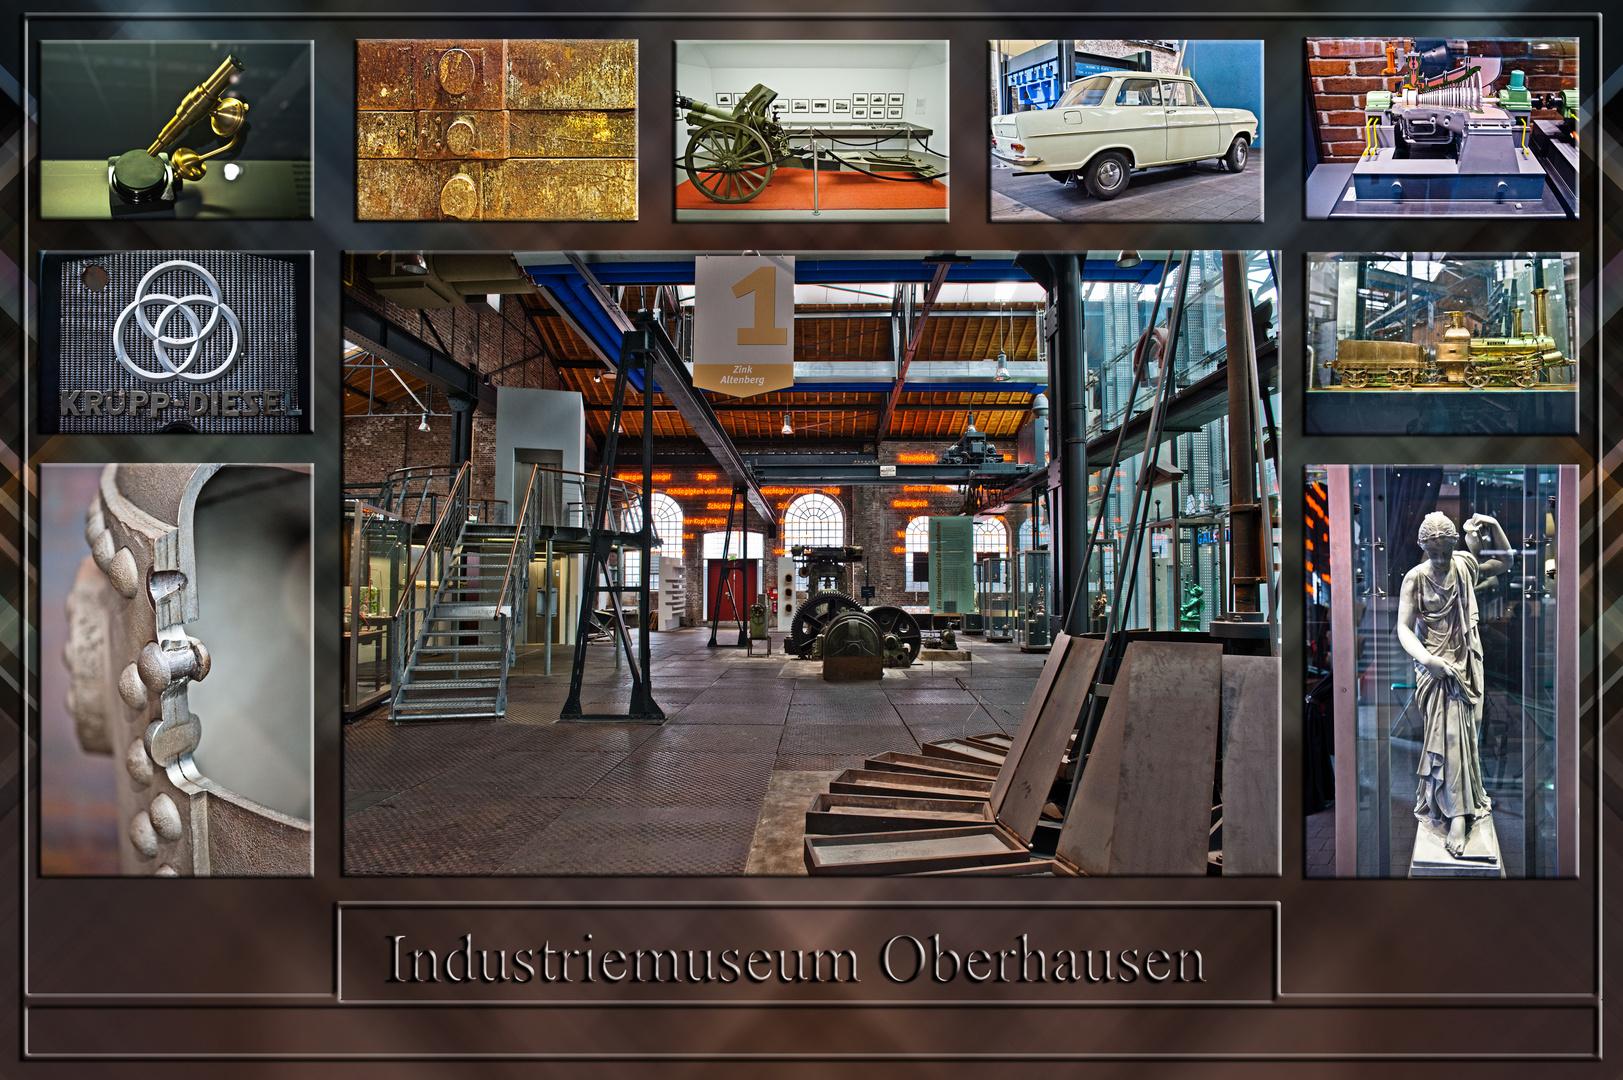 Industriemuseum Oberhausen